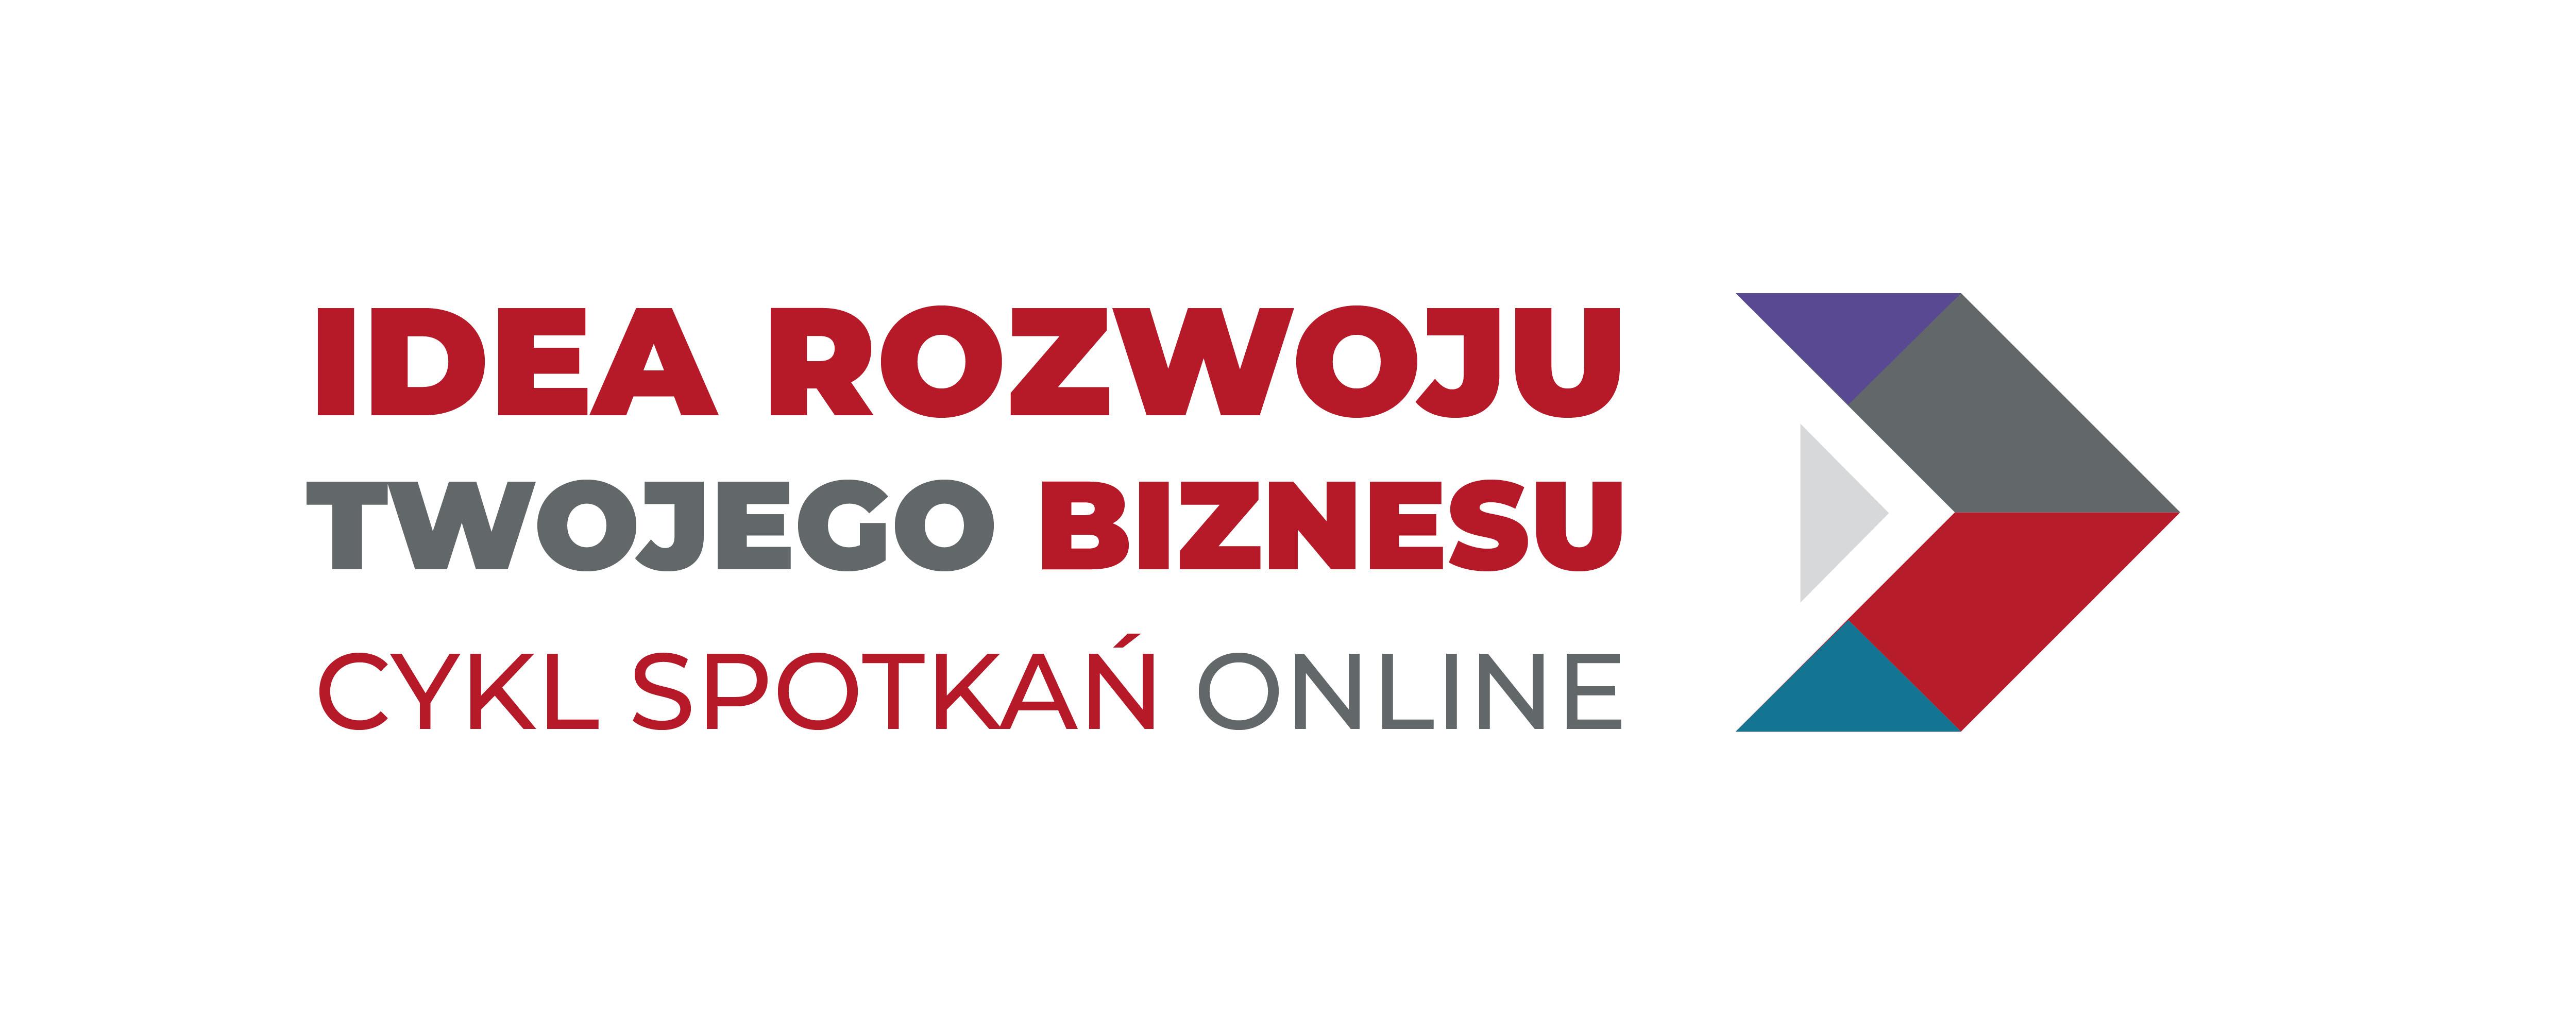 logotyp cykl spotkań online